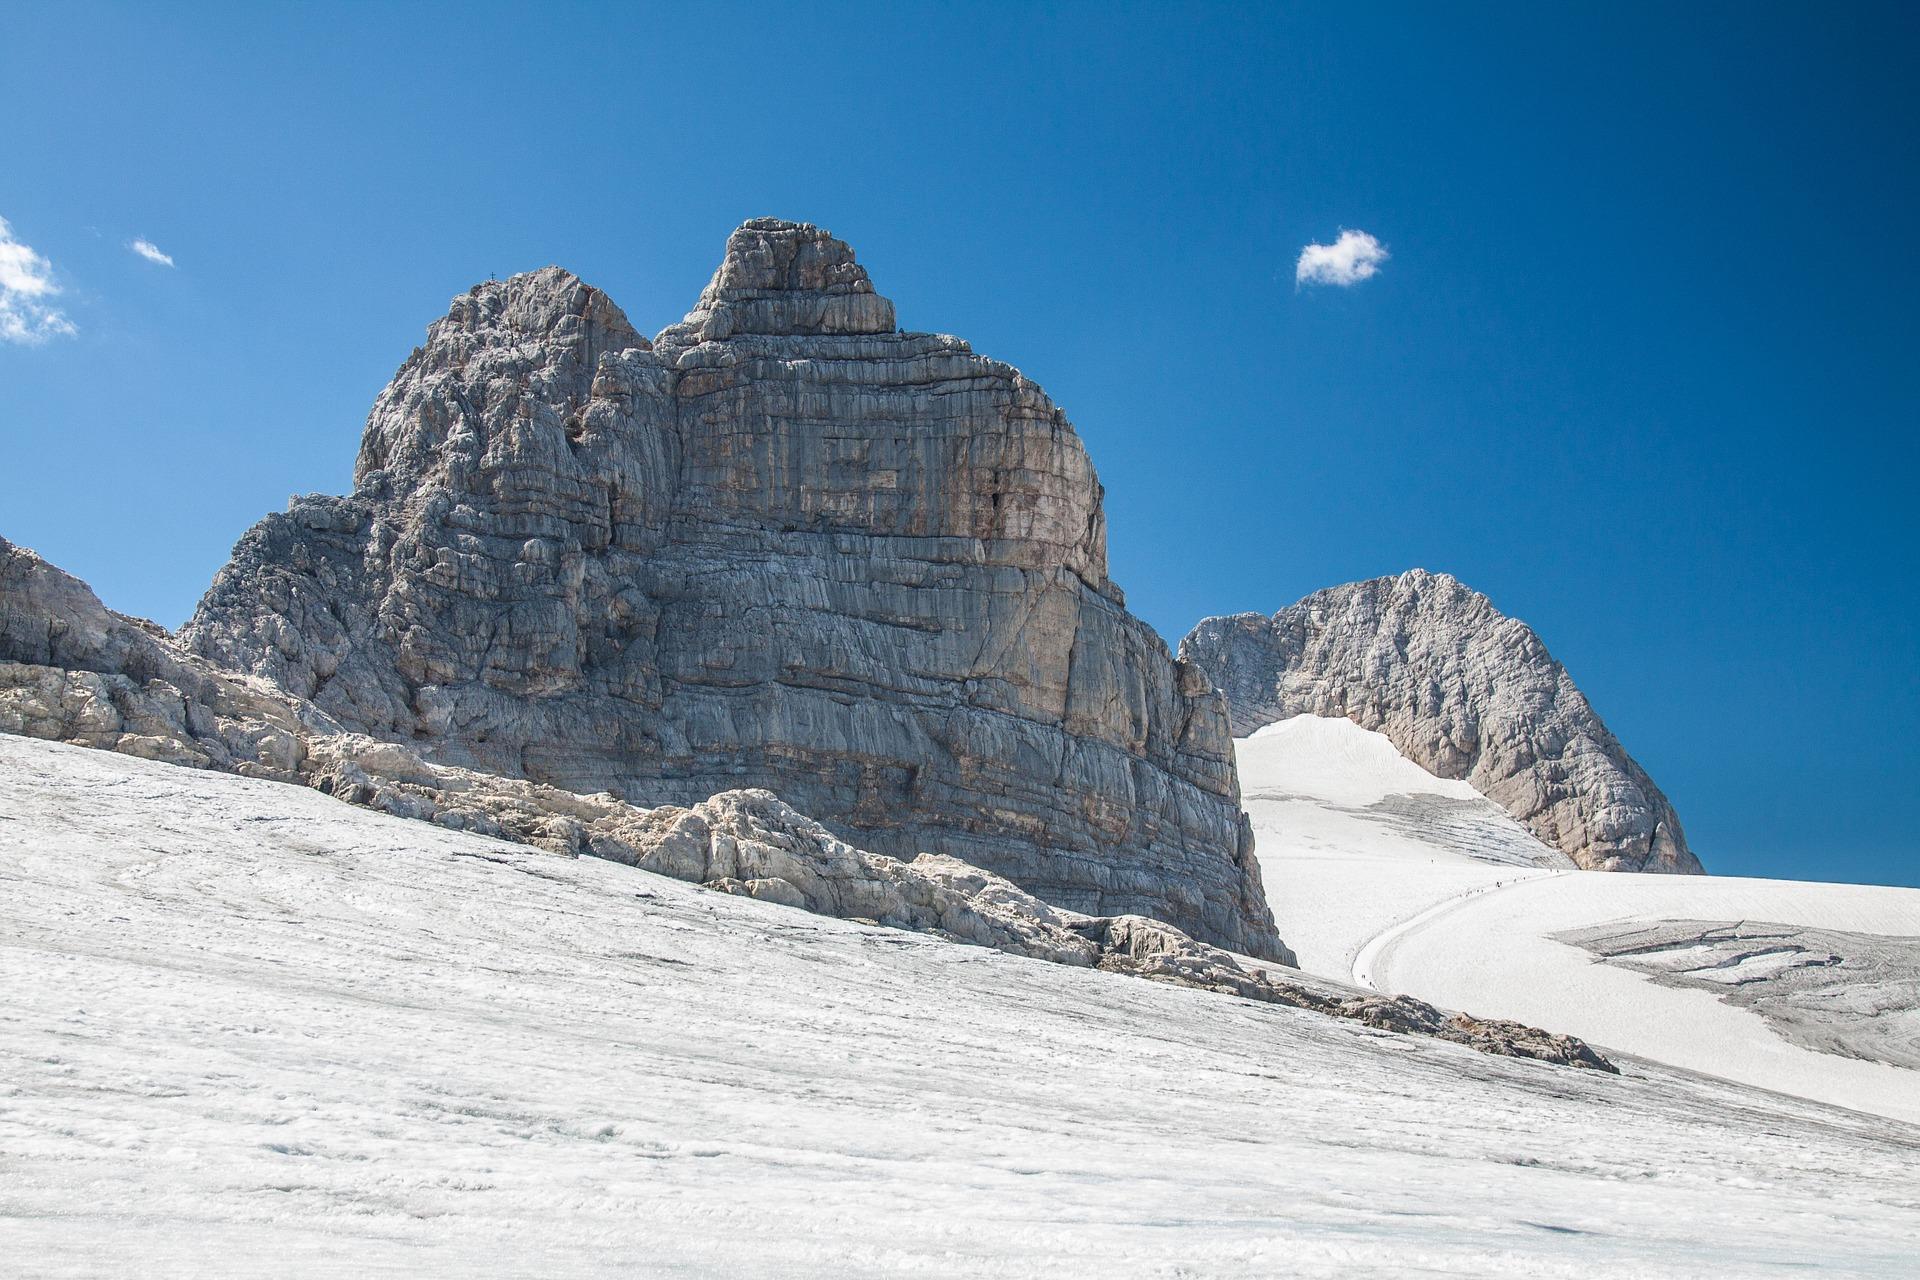 De Dachstein gletsjer in het zonnetje